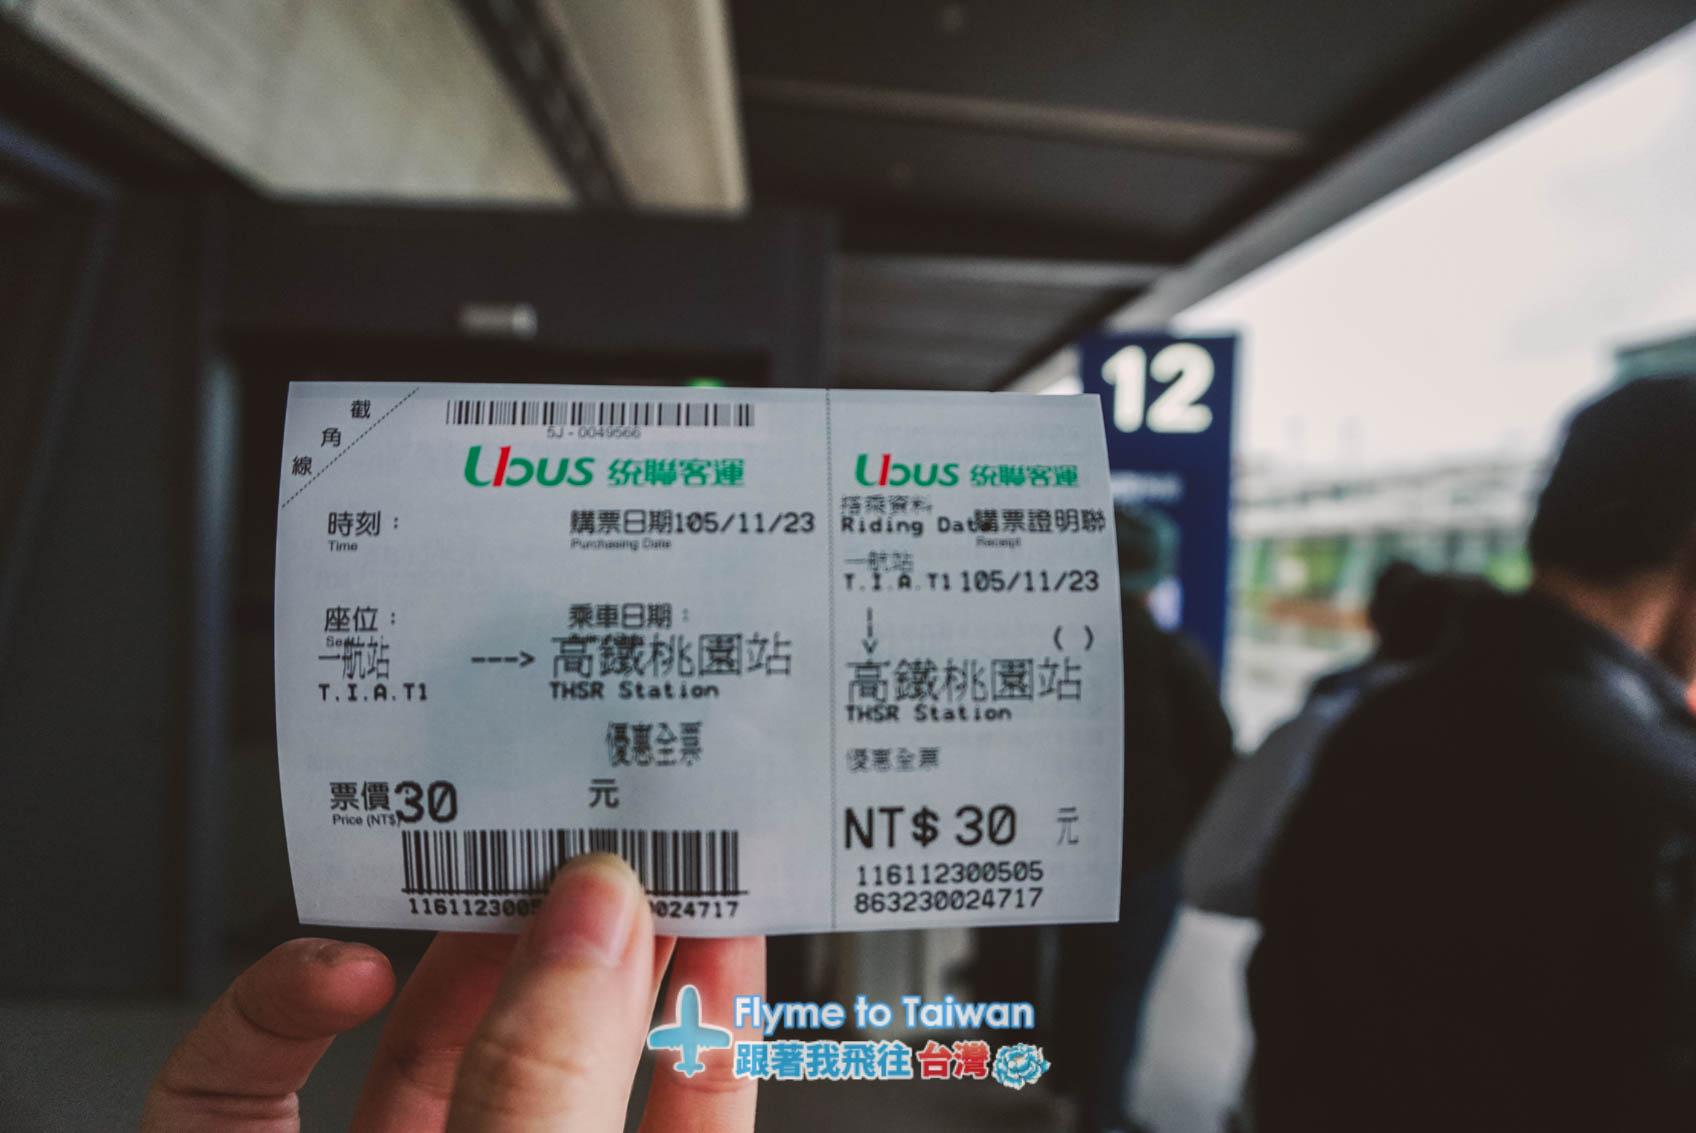 ซื้อตั๋วเรียบร้อย